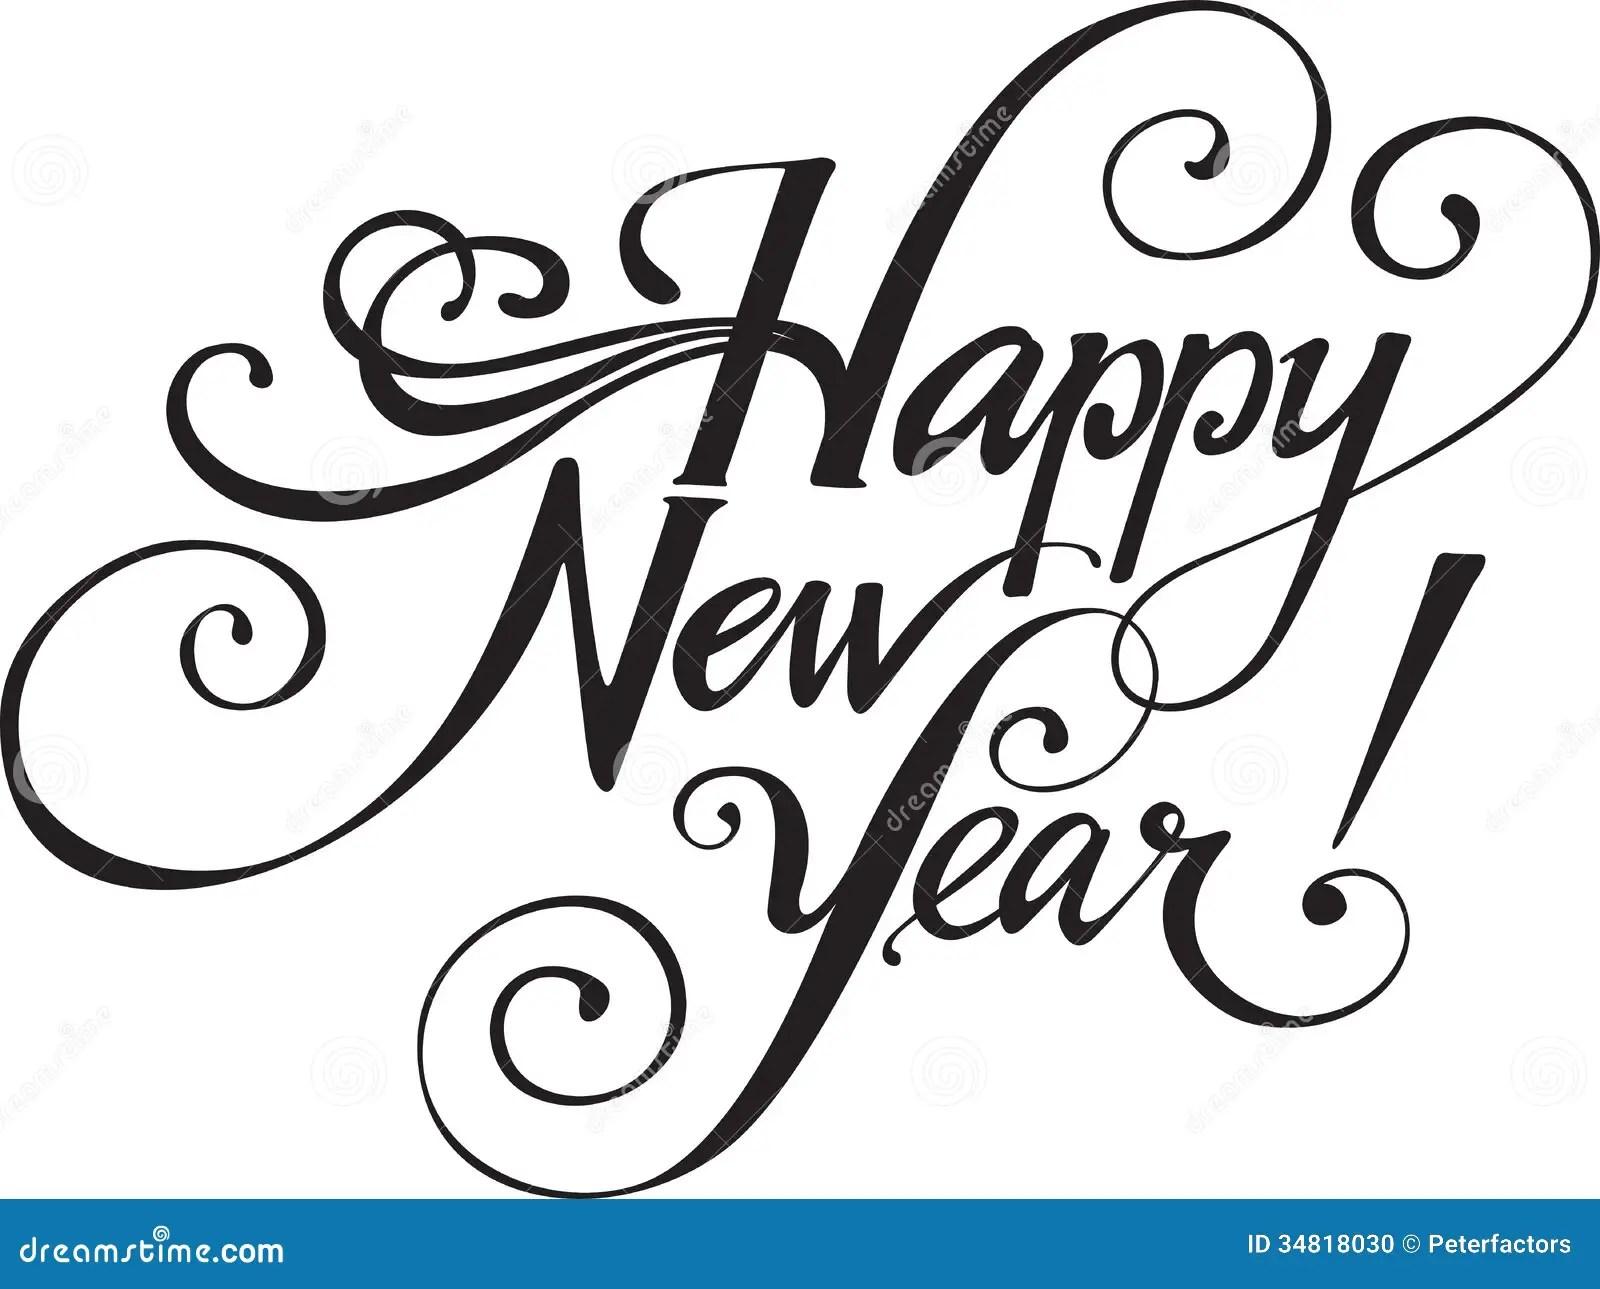 Gelukkig Nieuwjaar! vector illustratie. Illustratie